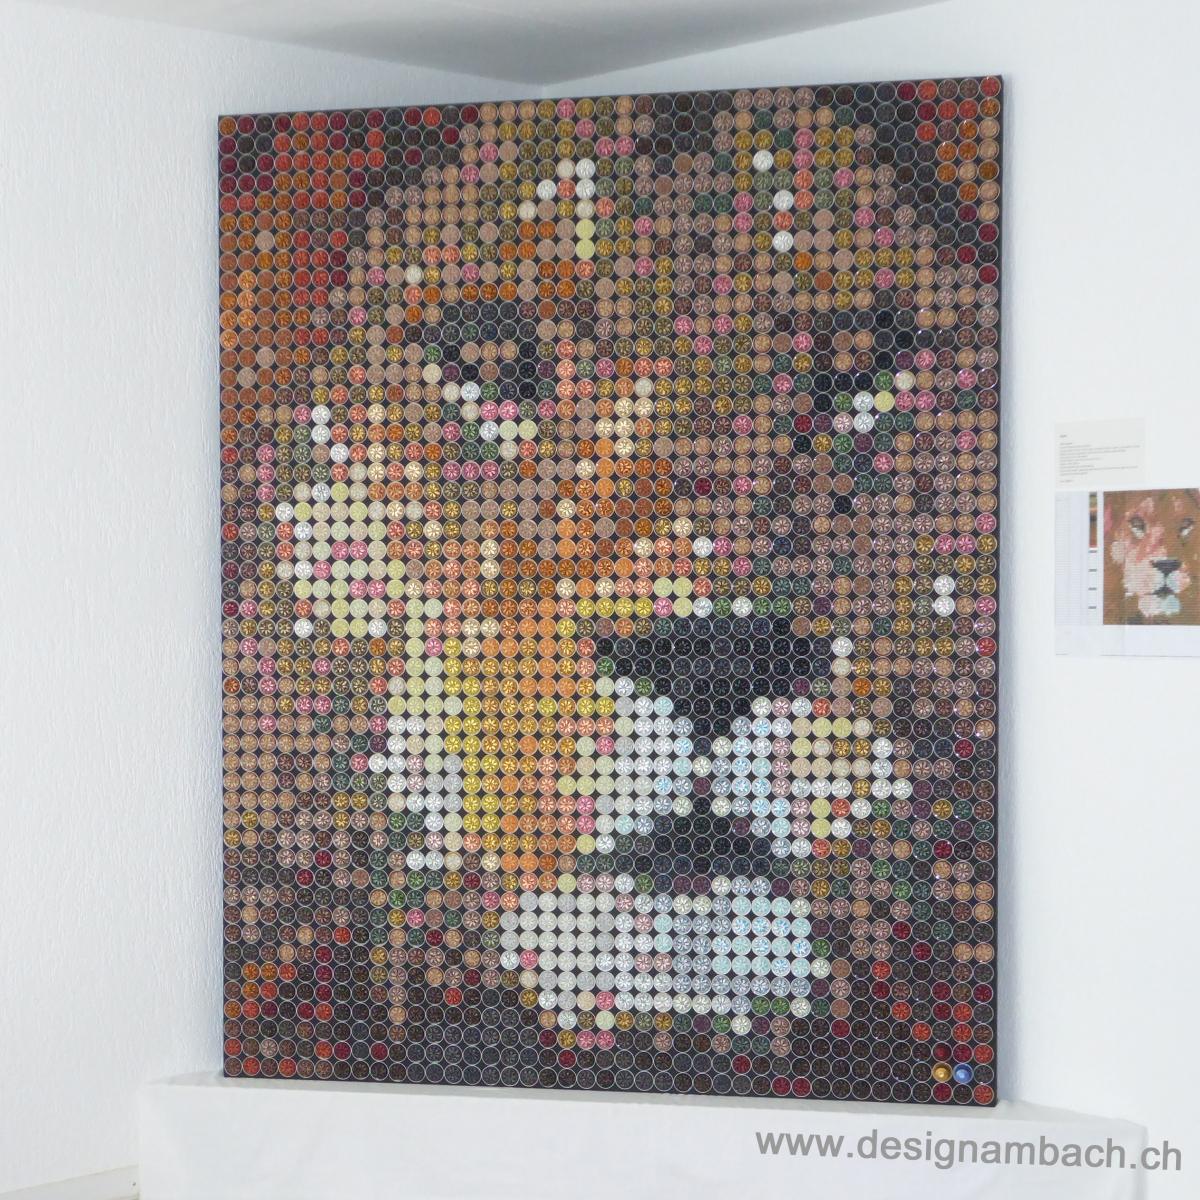 Löwe, Pixelbild, Bild aus Farbpixel, Nespresso Kapseln